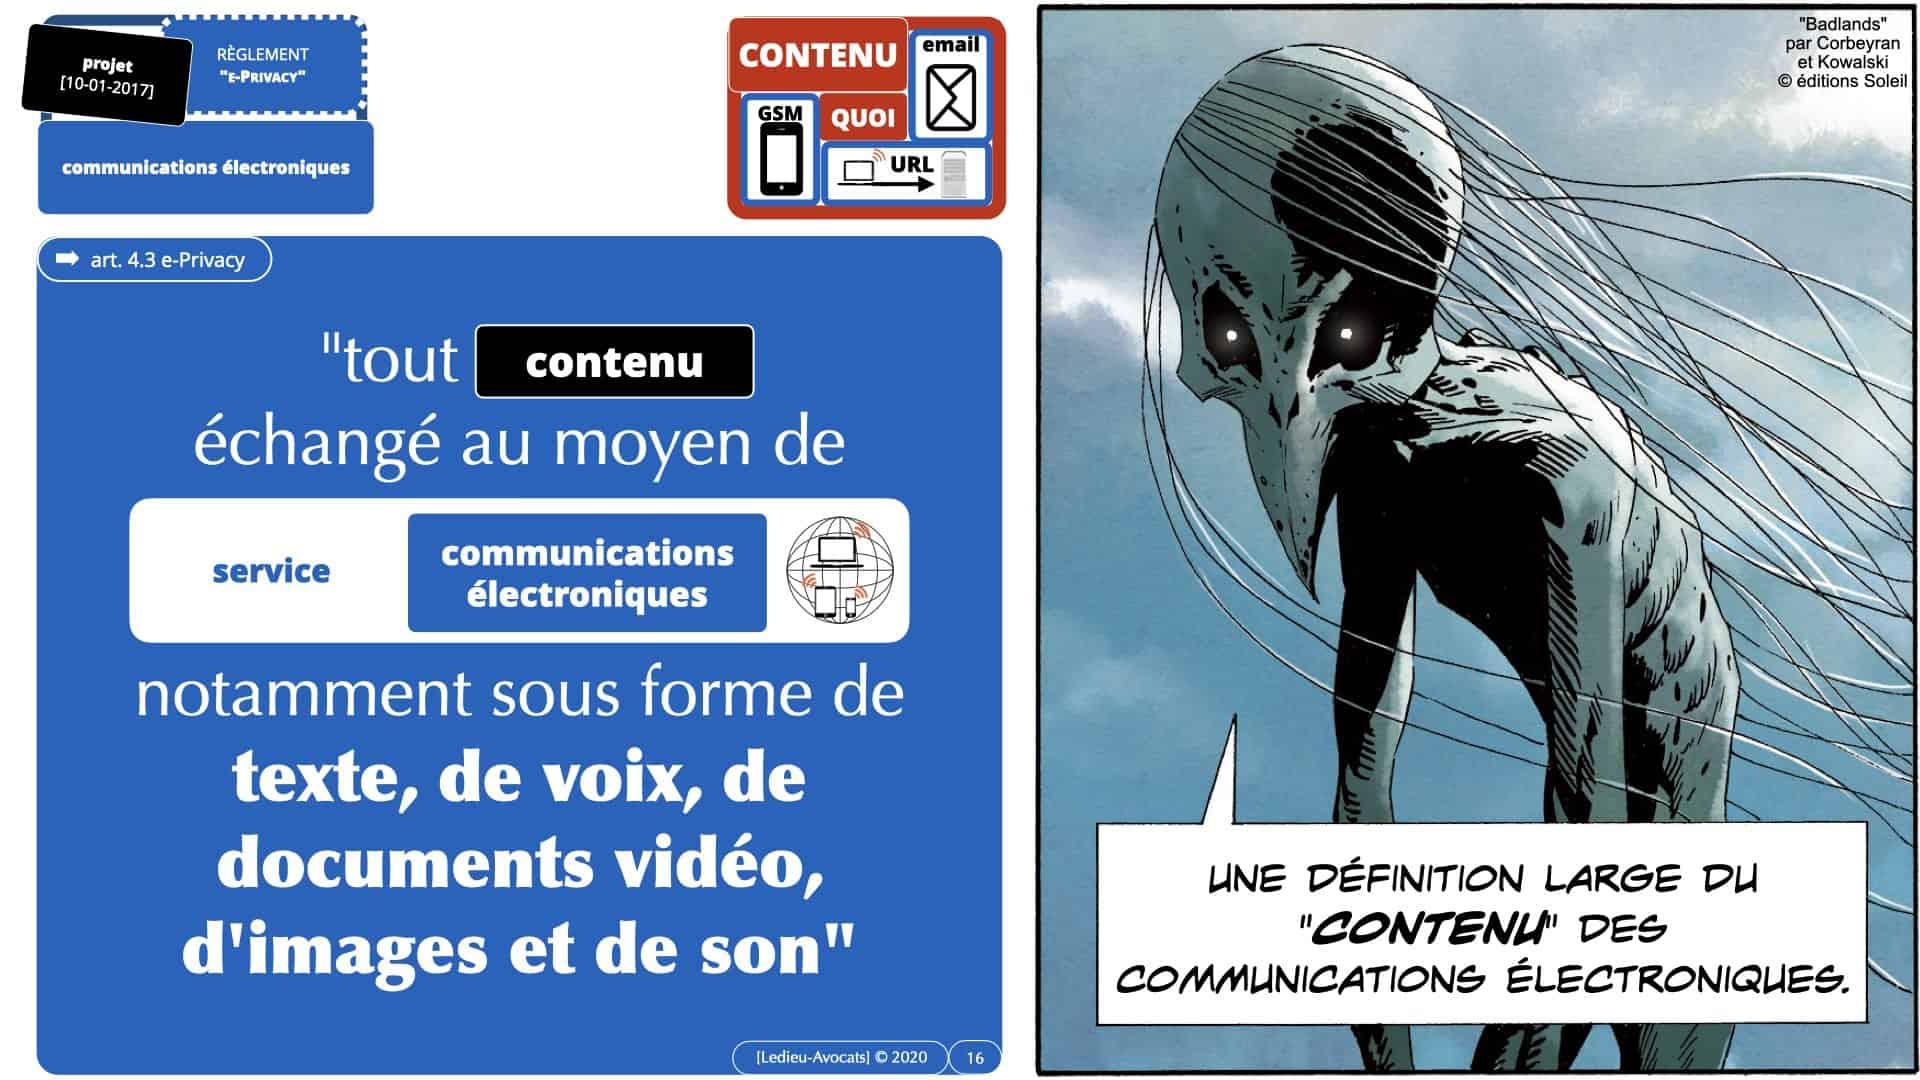 318 données de contenu métadonnées données personnelles ©Ledieu-Avocats la future définition dans le (projet de) Règlement e-Privacy